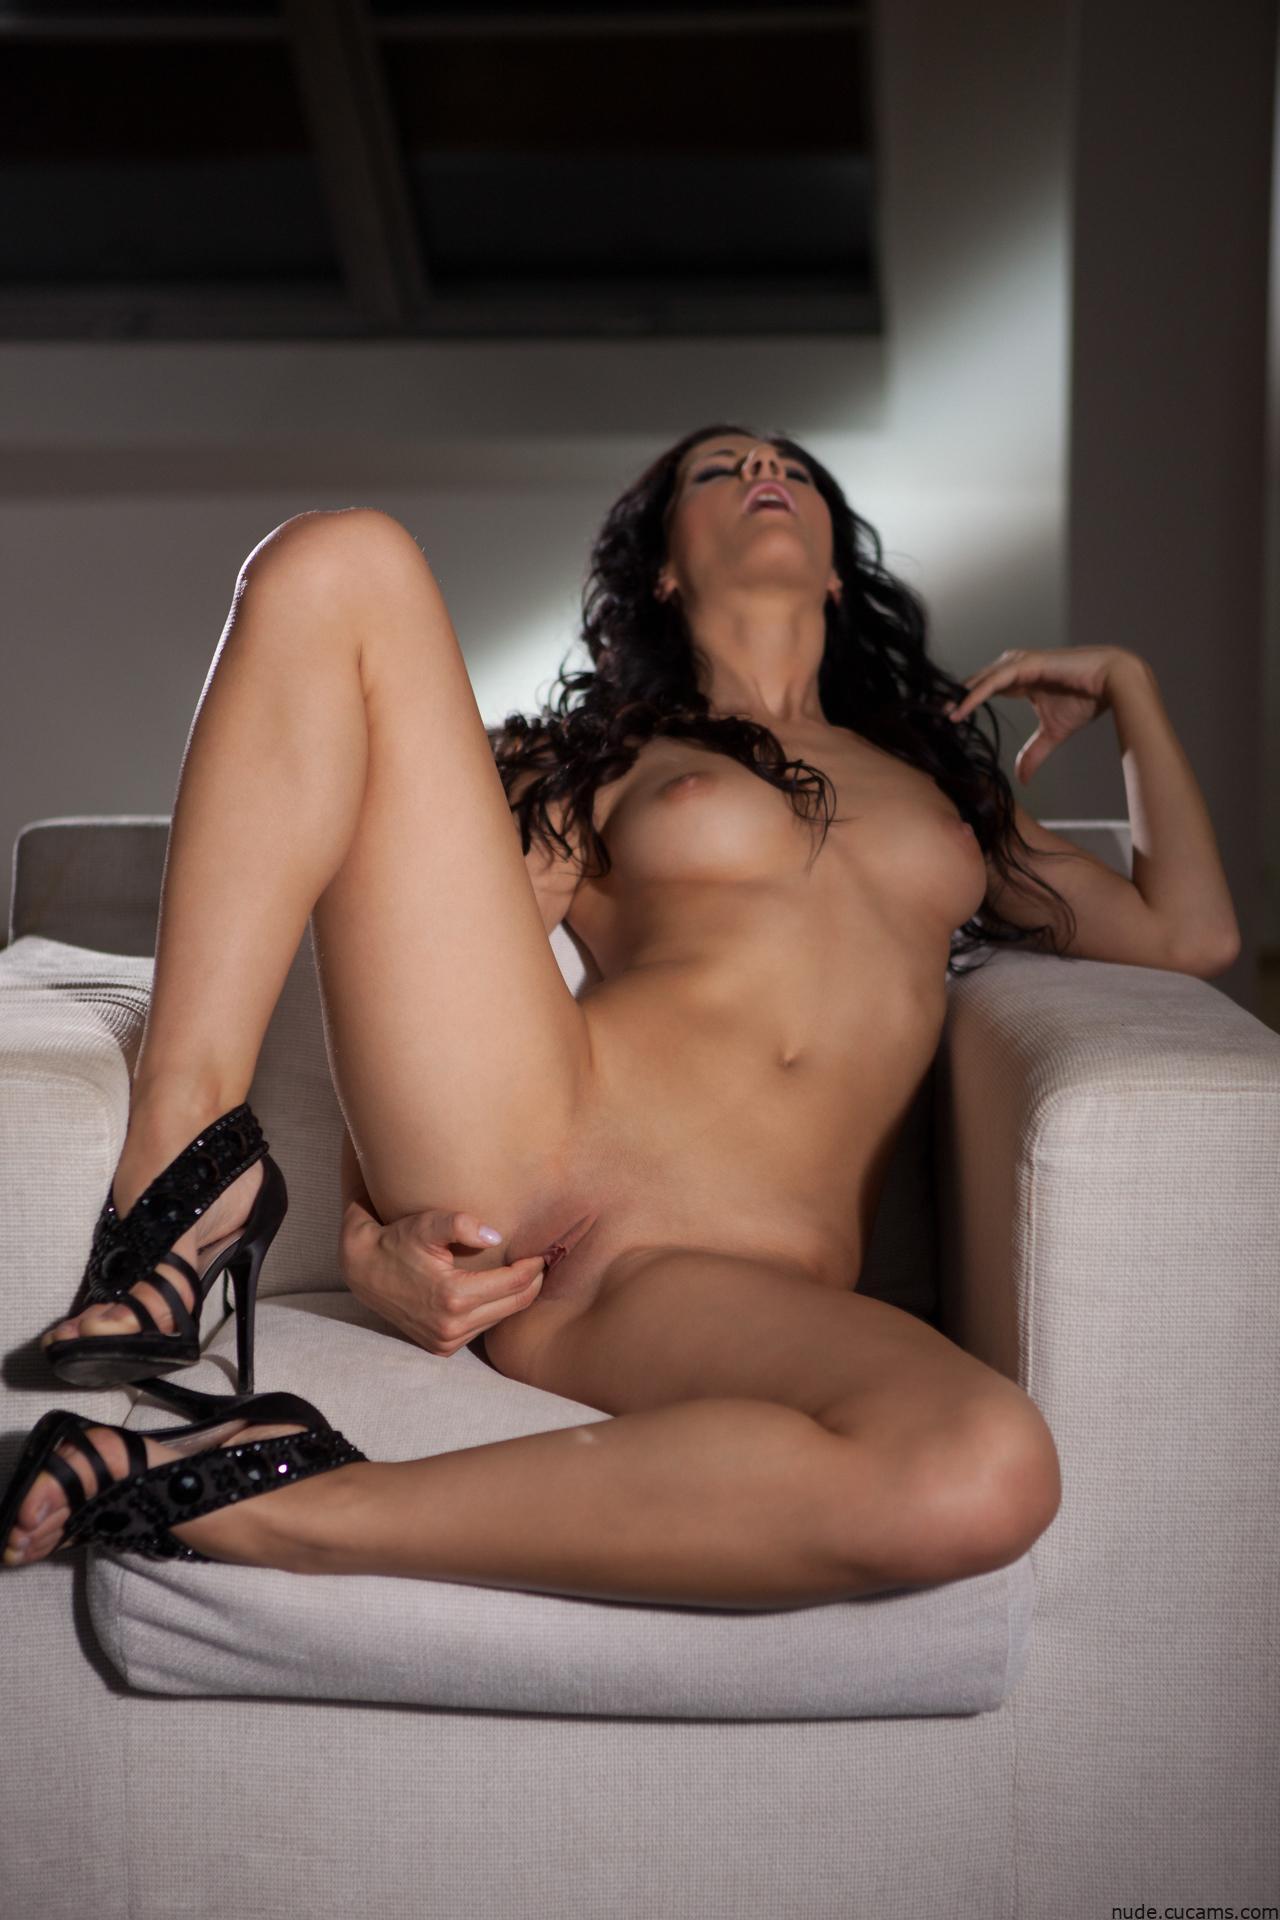 Nude Backroom Hentai by nude.cucams.com